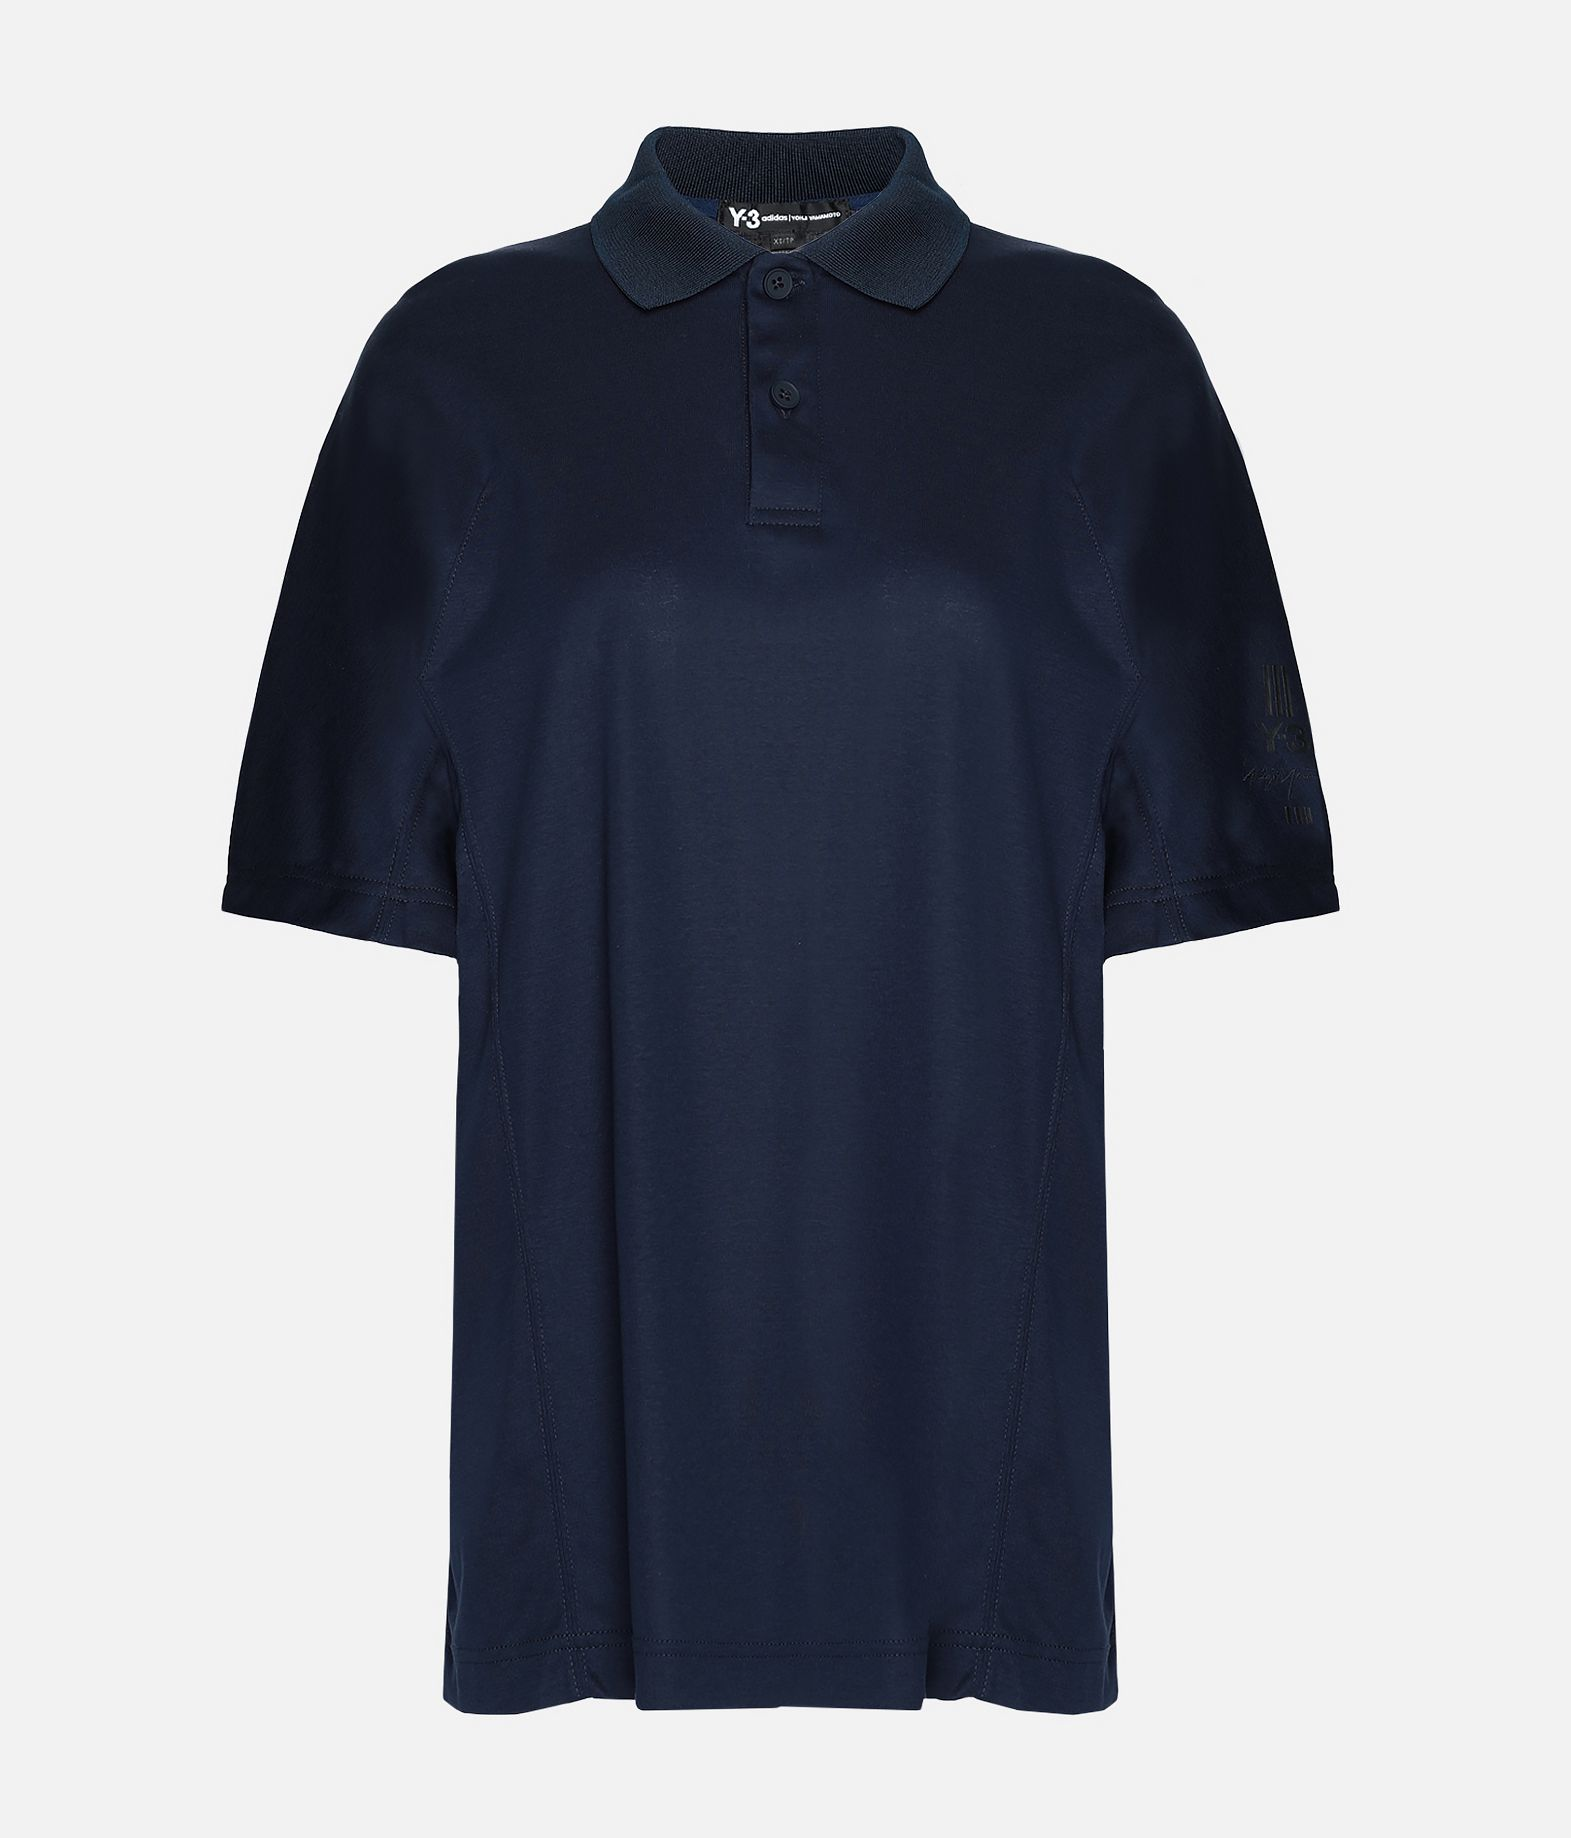 Y-3 Y-3 New Classic Polo Shirt  Поло Для Женщин f